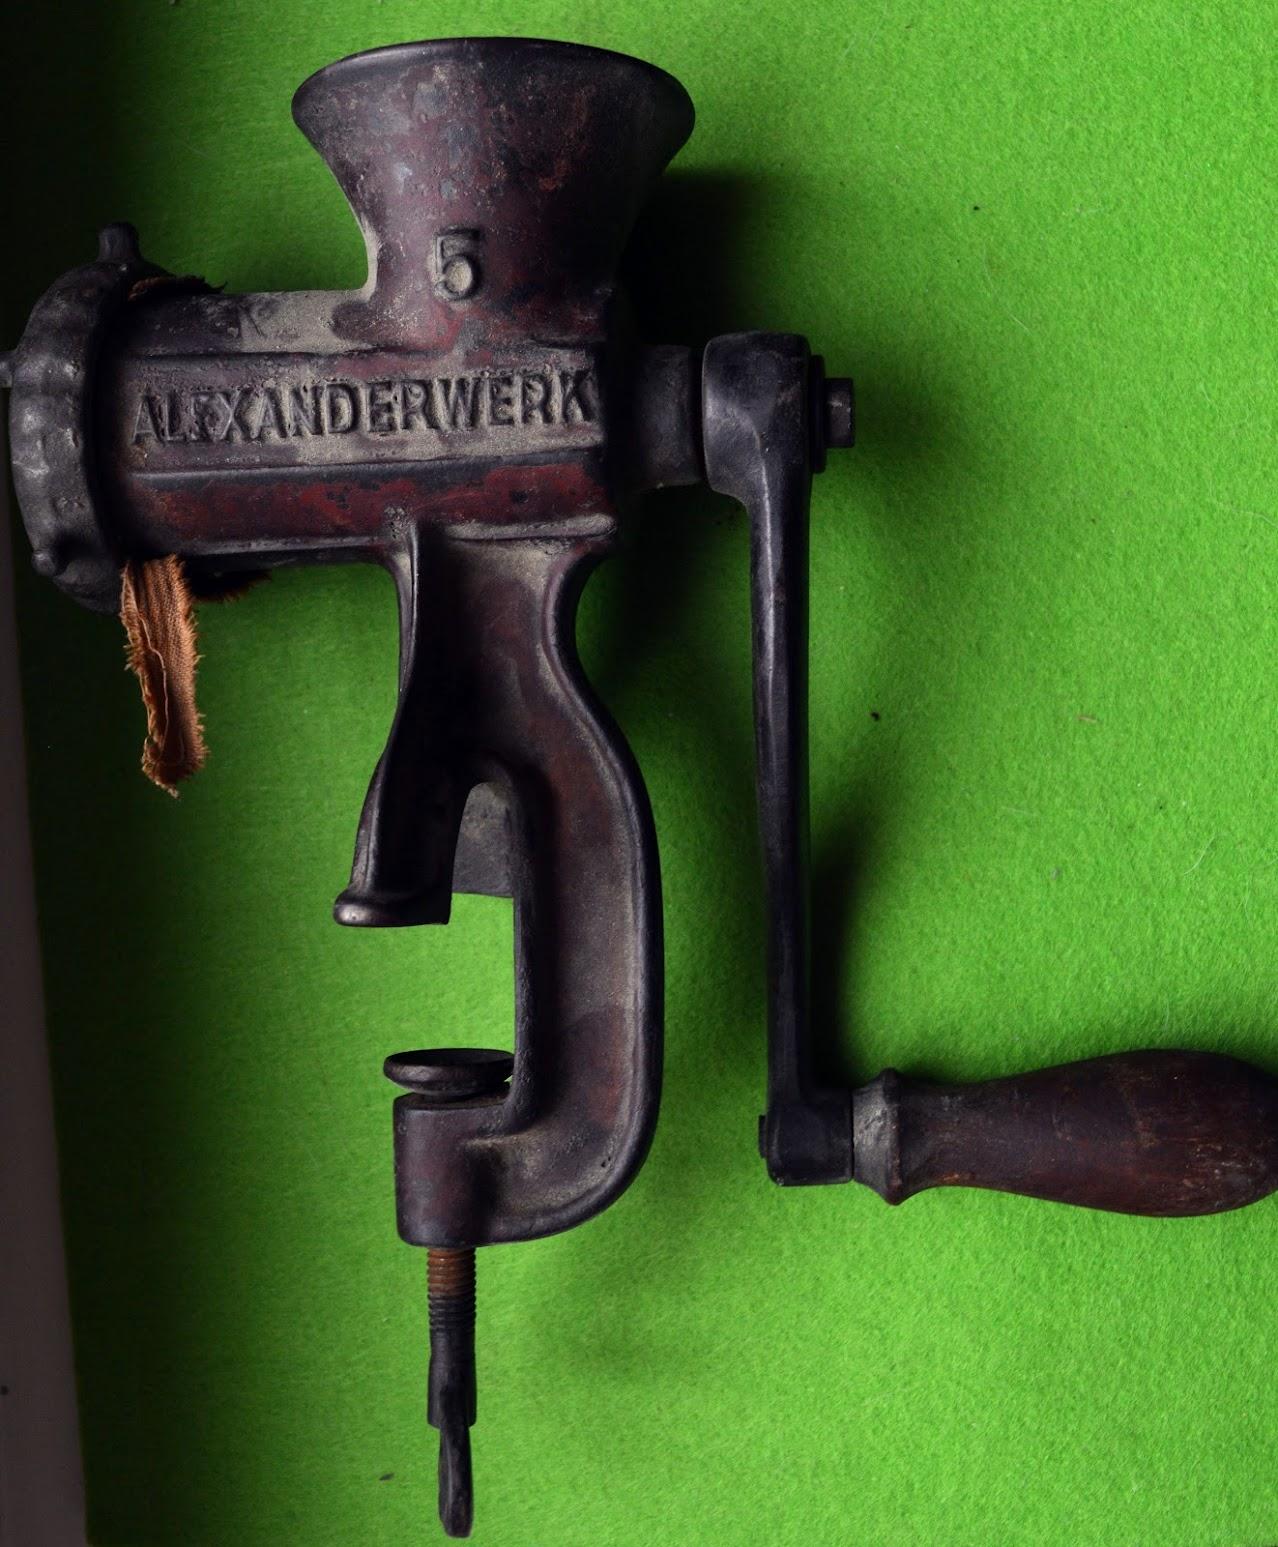 Alexanderwerk - Remscheid